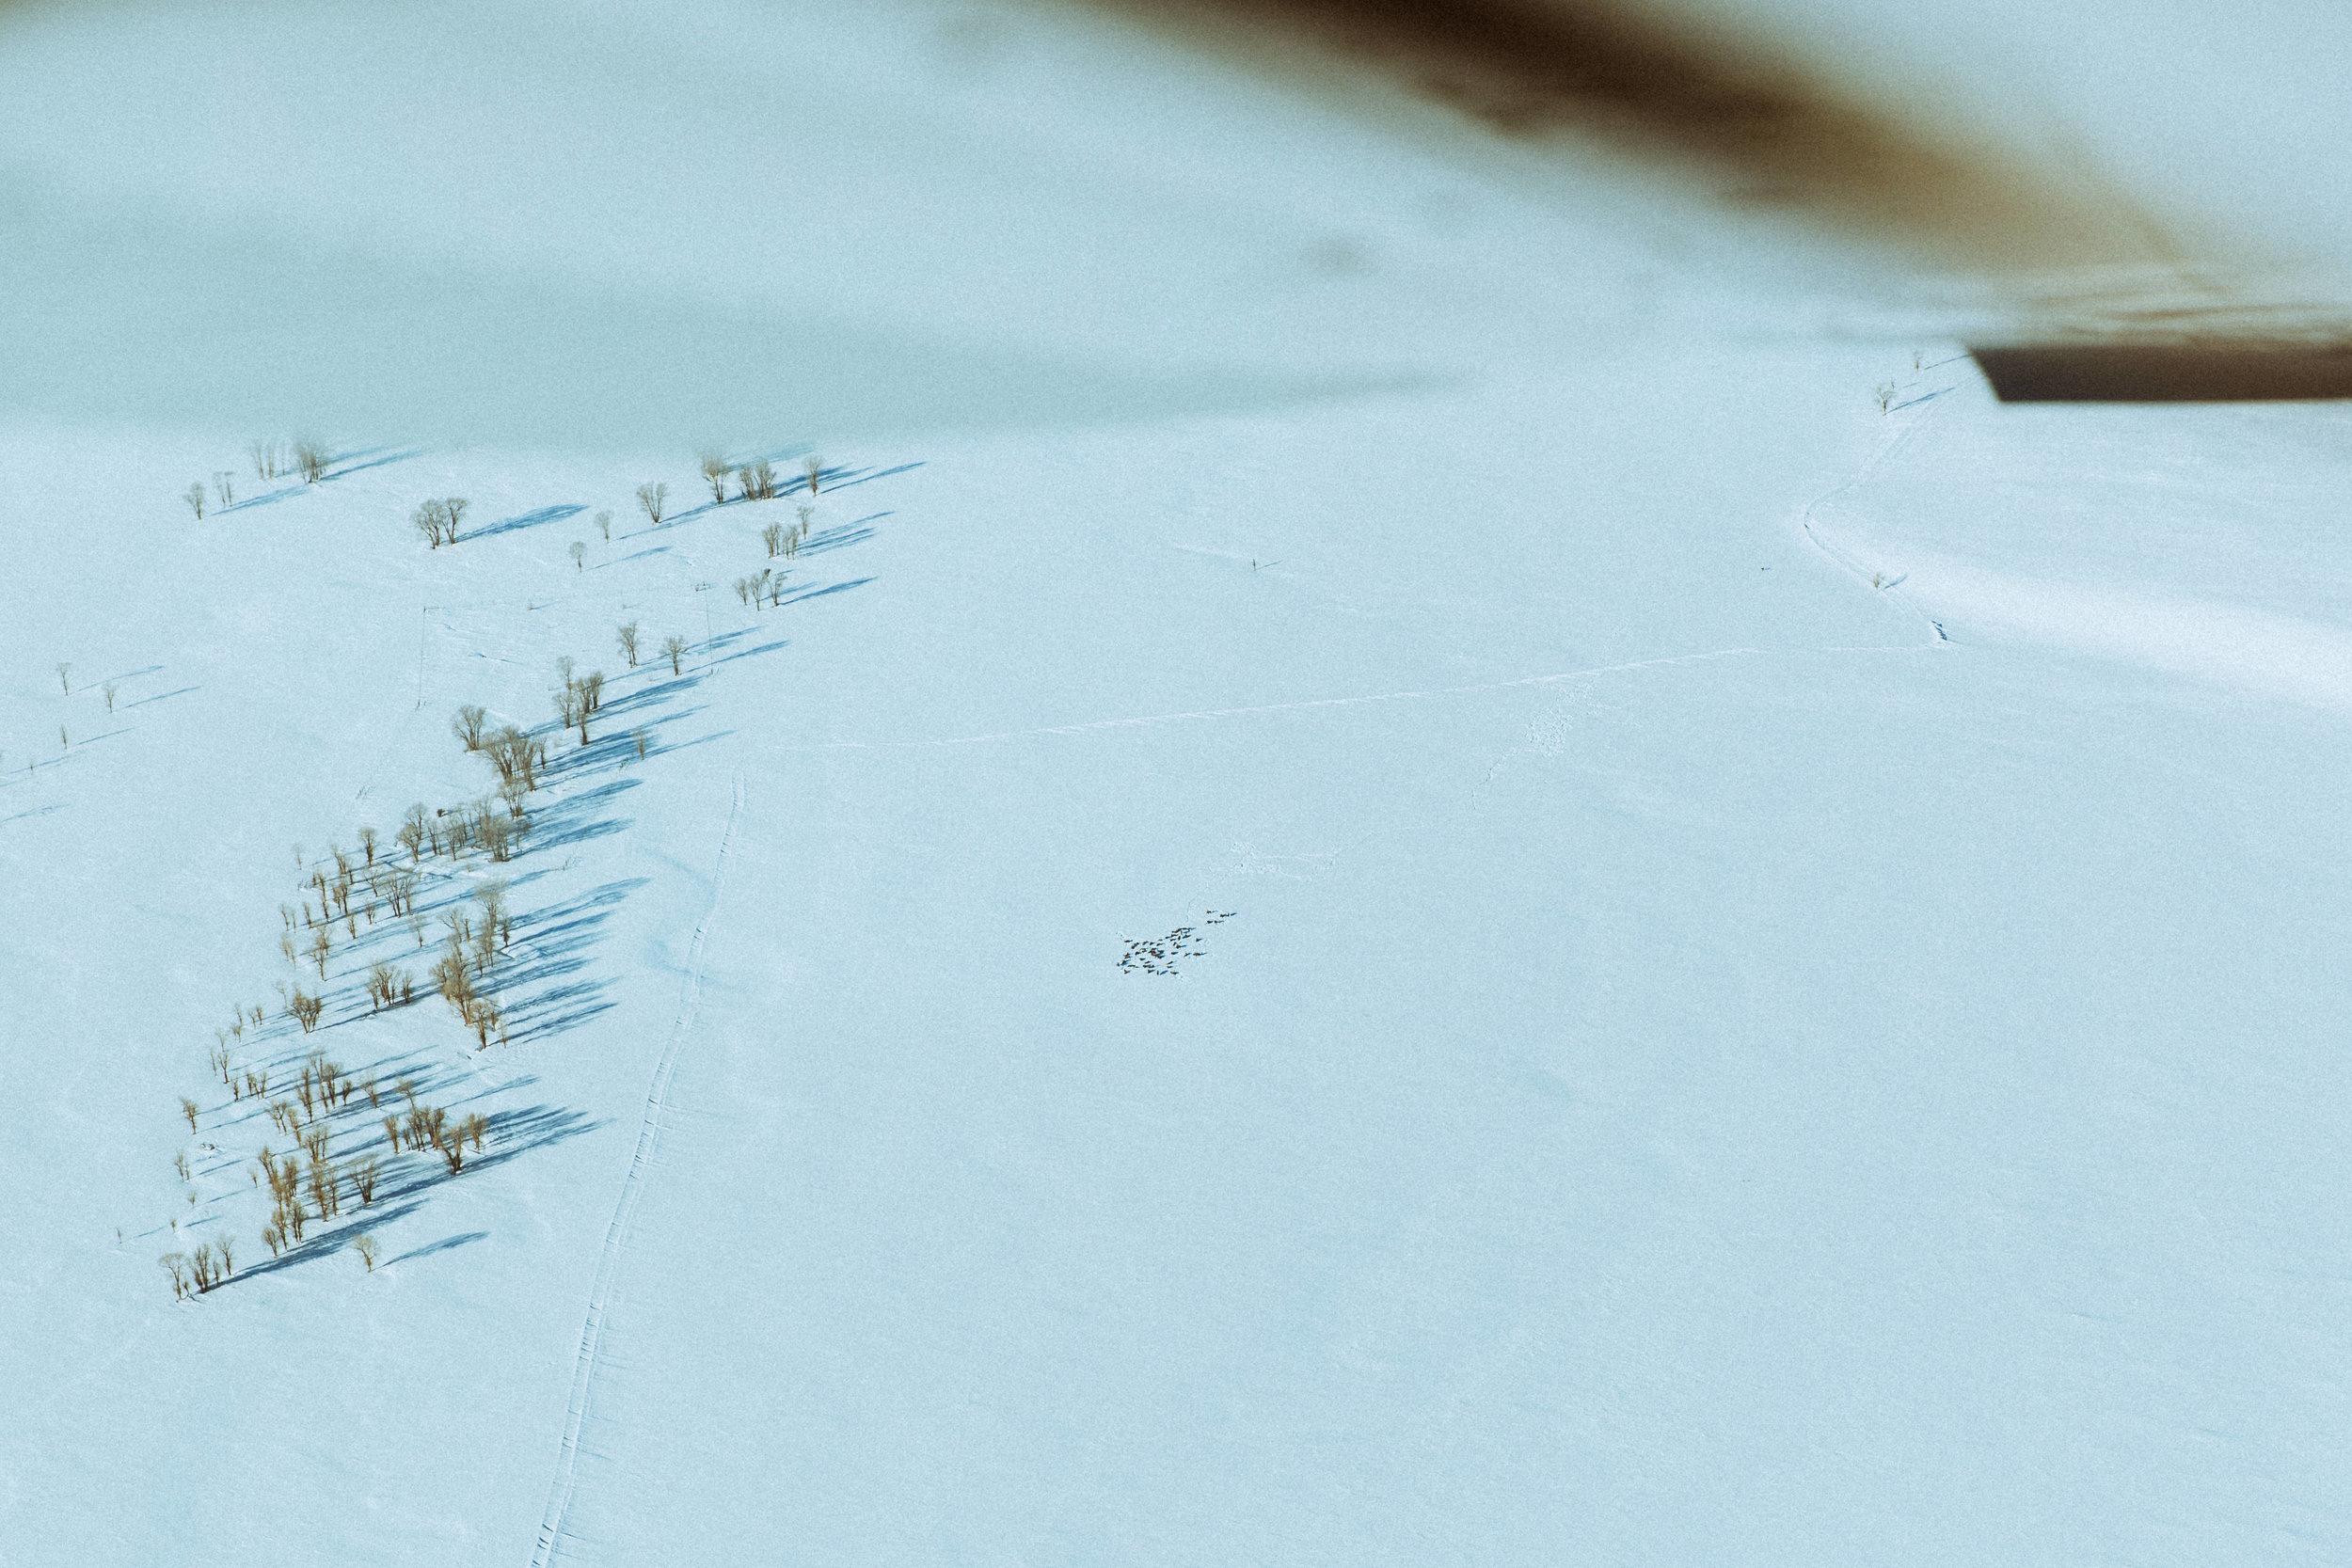 A herd of elk seen from above.